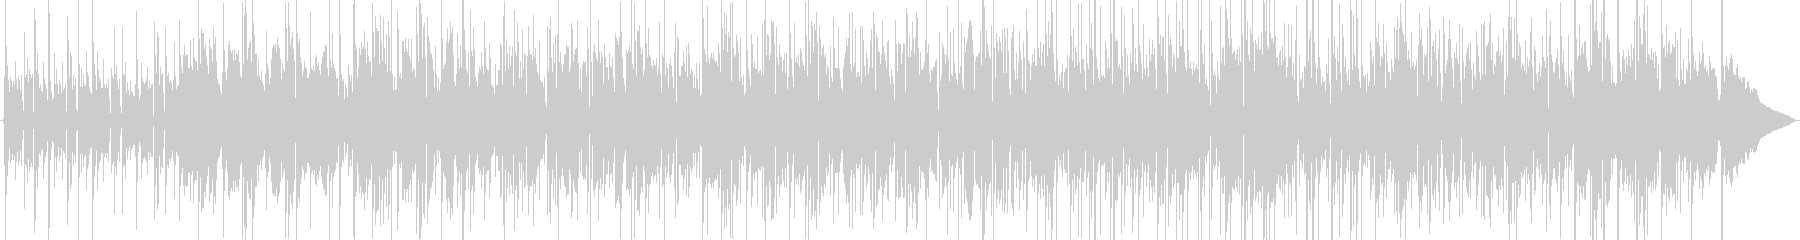 ラテングルーヴナイロンストリングギ...の未再生の波形